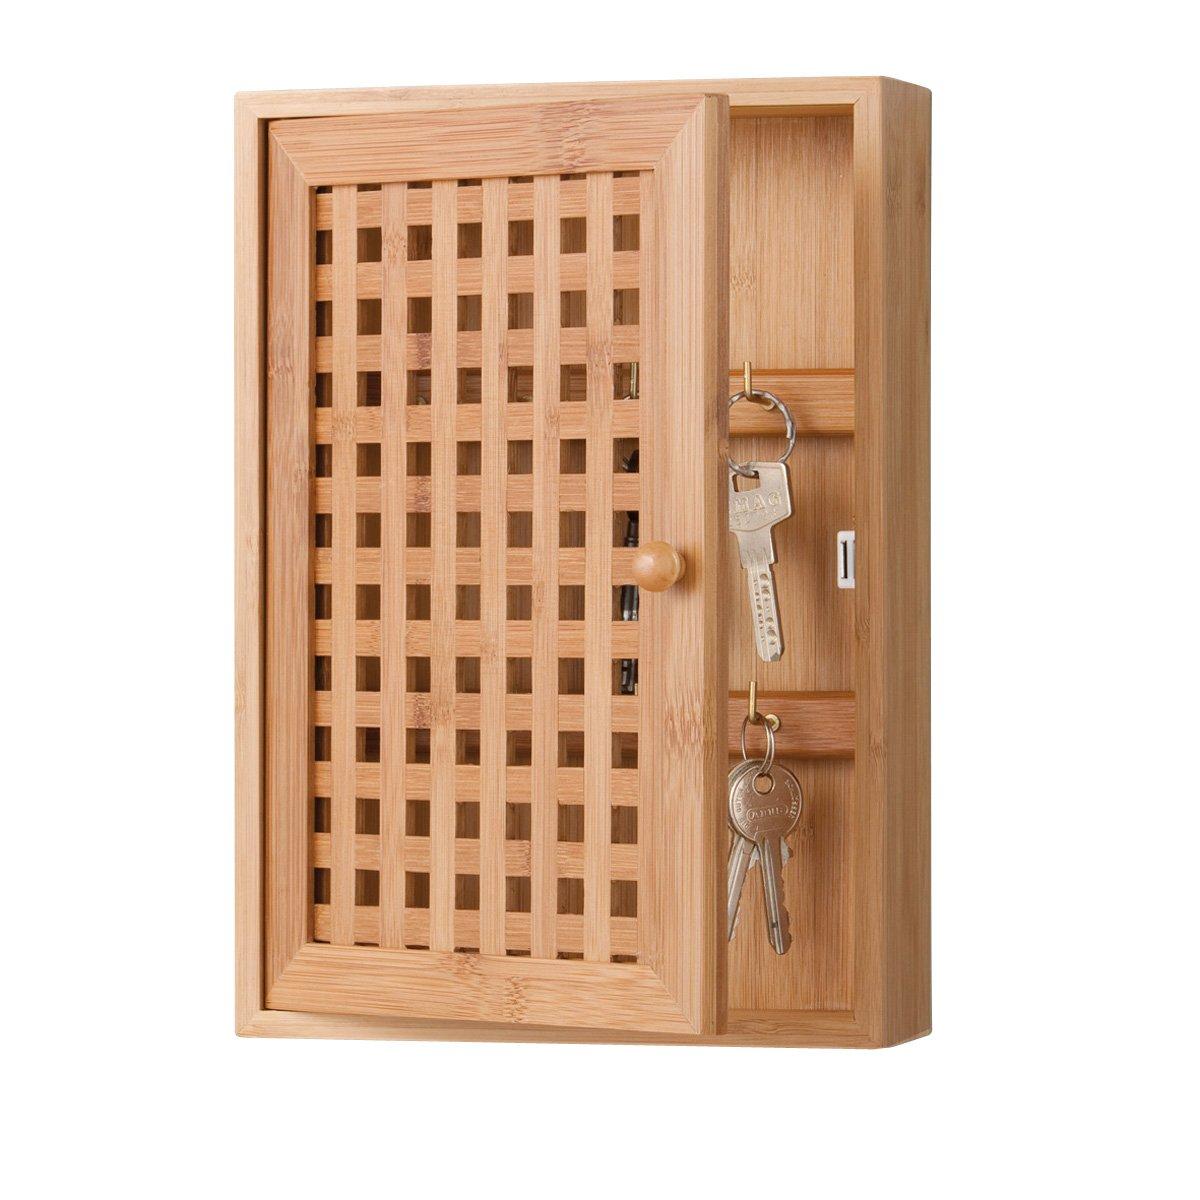 Amazon.de: Zeller 13876 Schlüsselkasten 19 x 6 x 27 cm, Bamboo